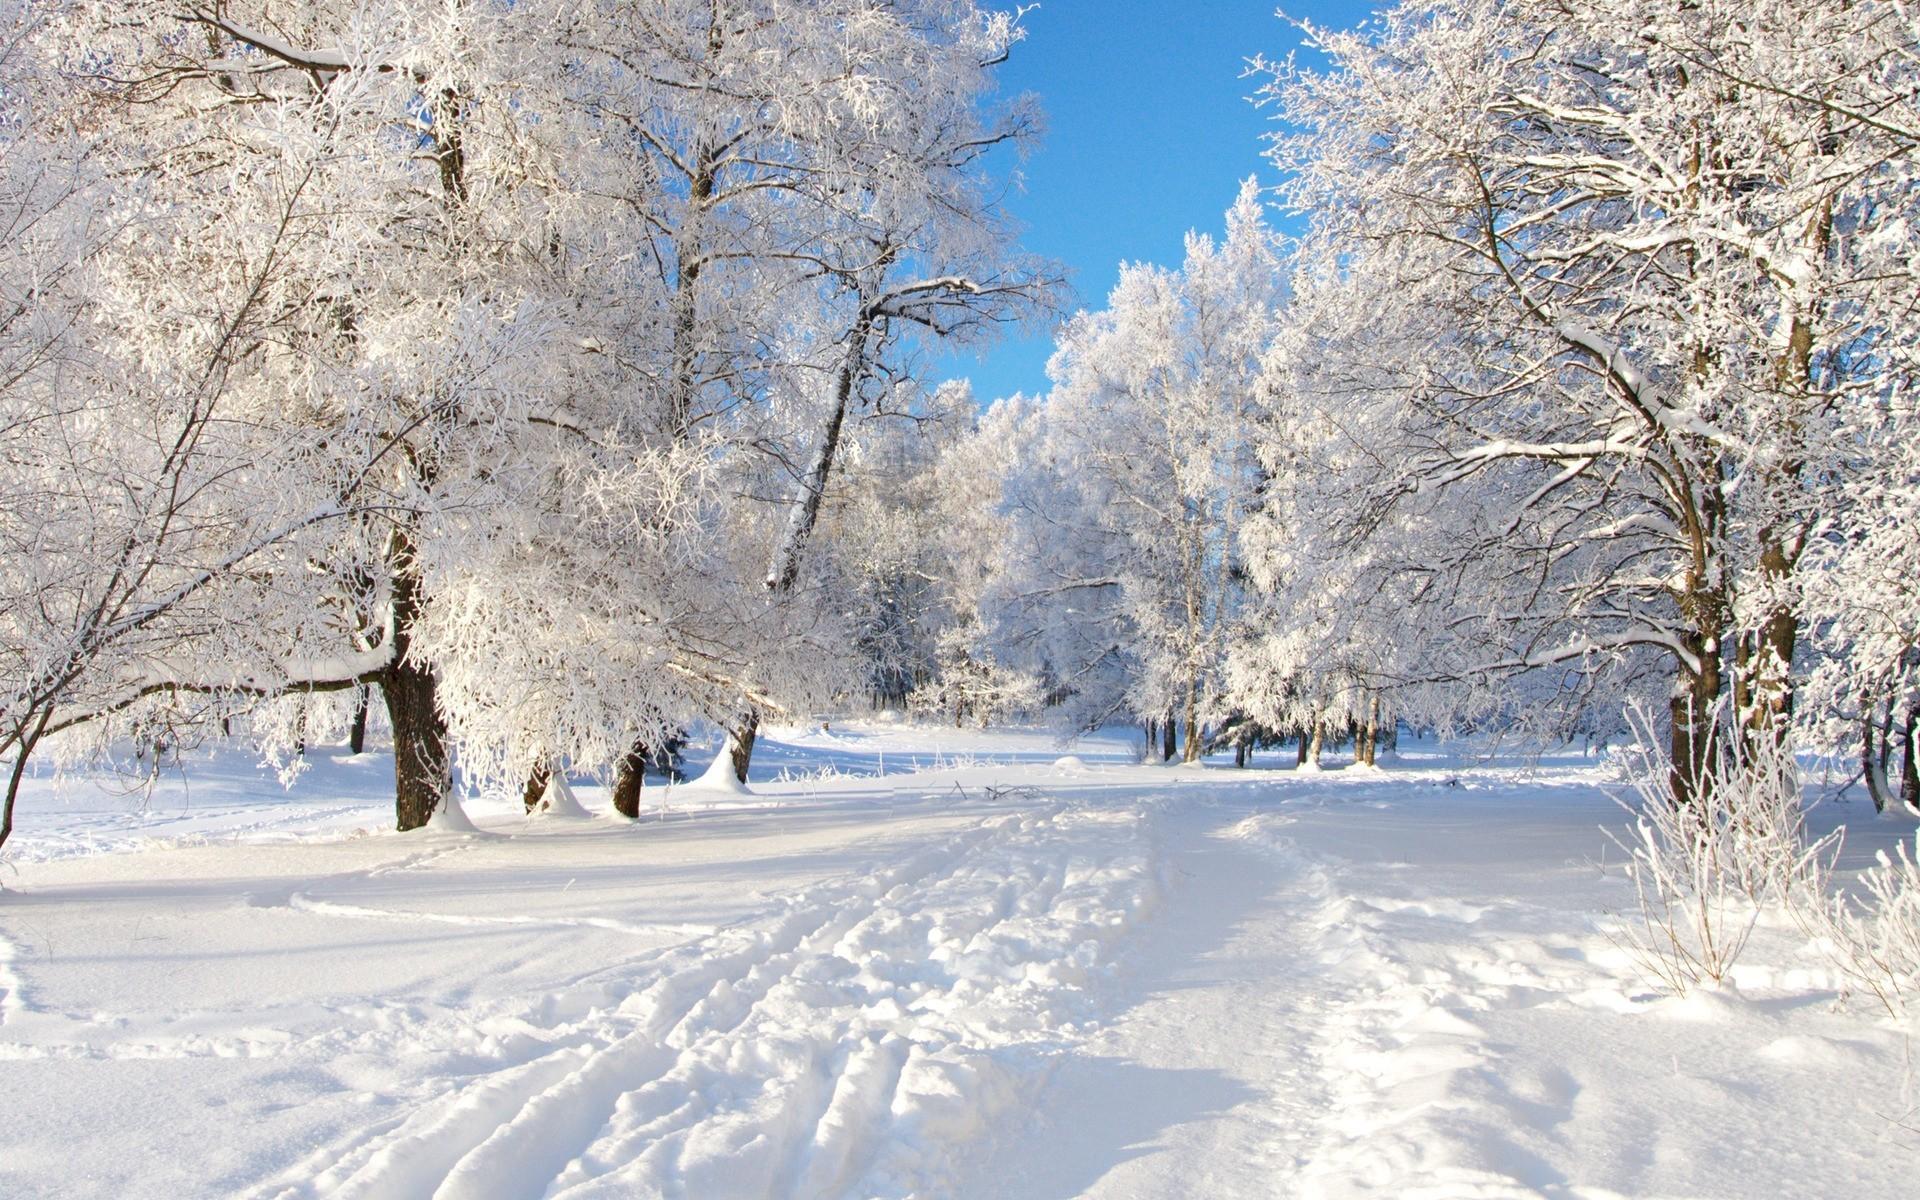 sfondi invernali 76 immagini